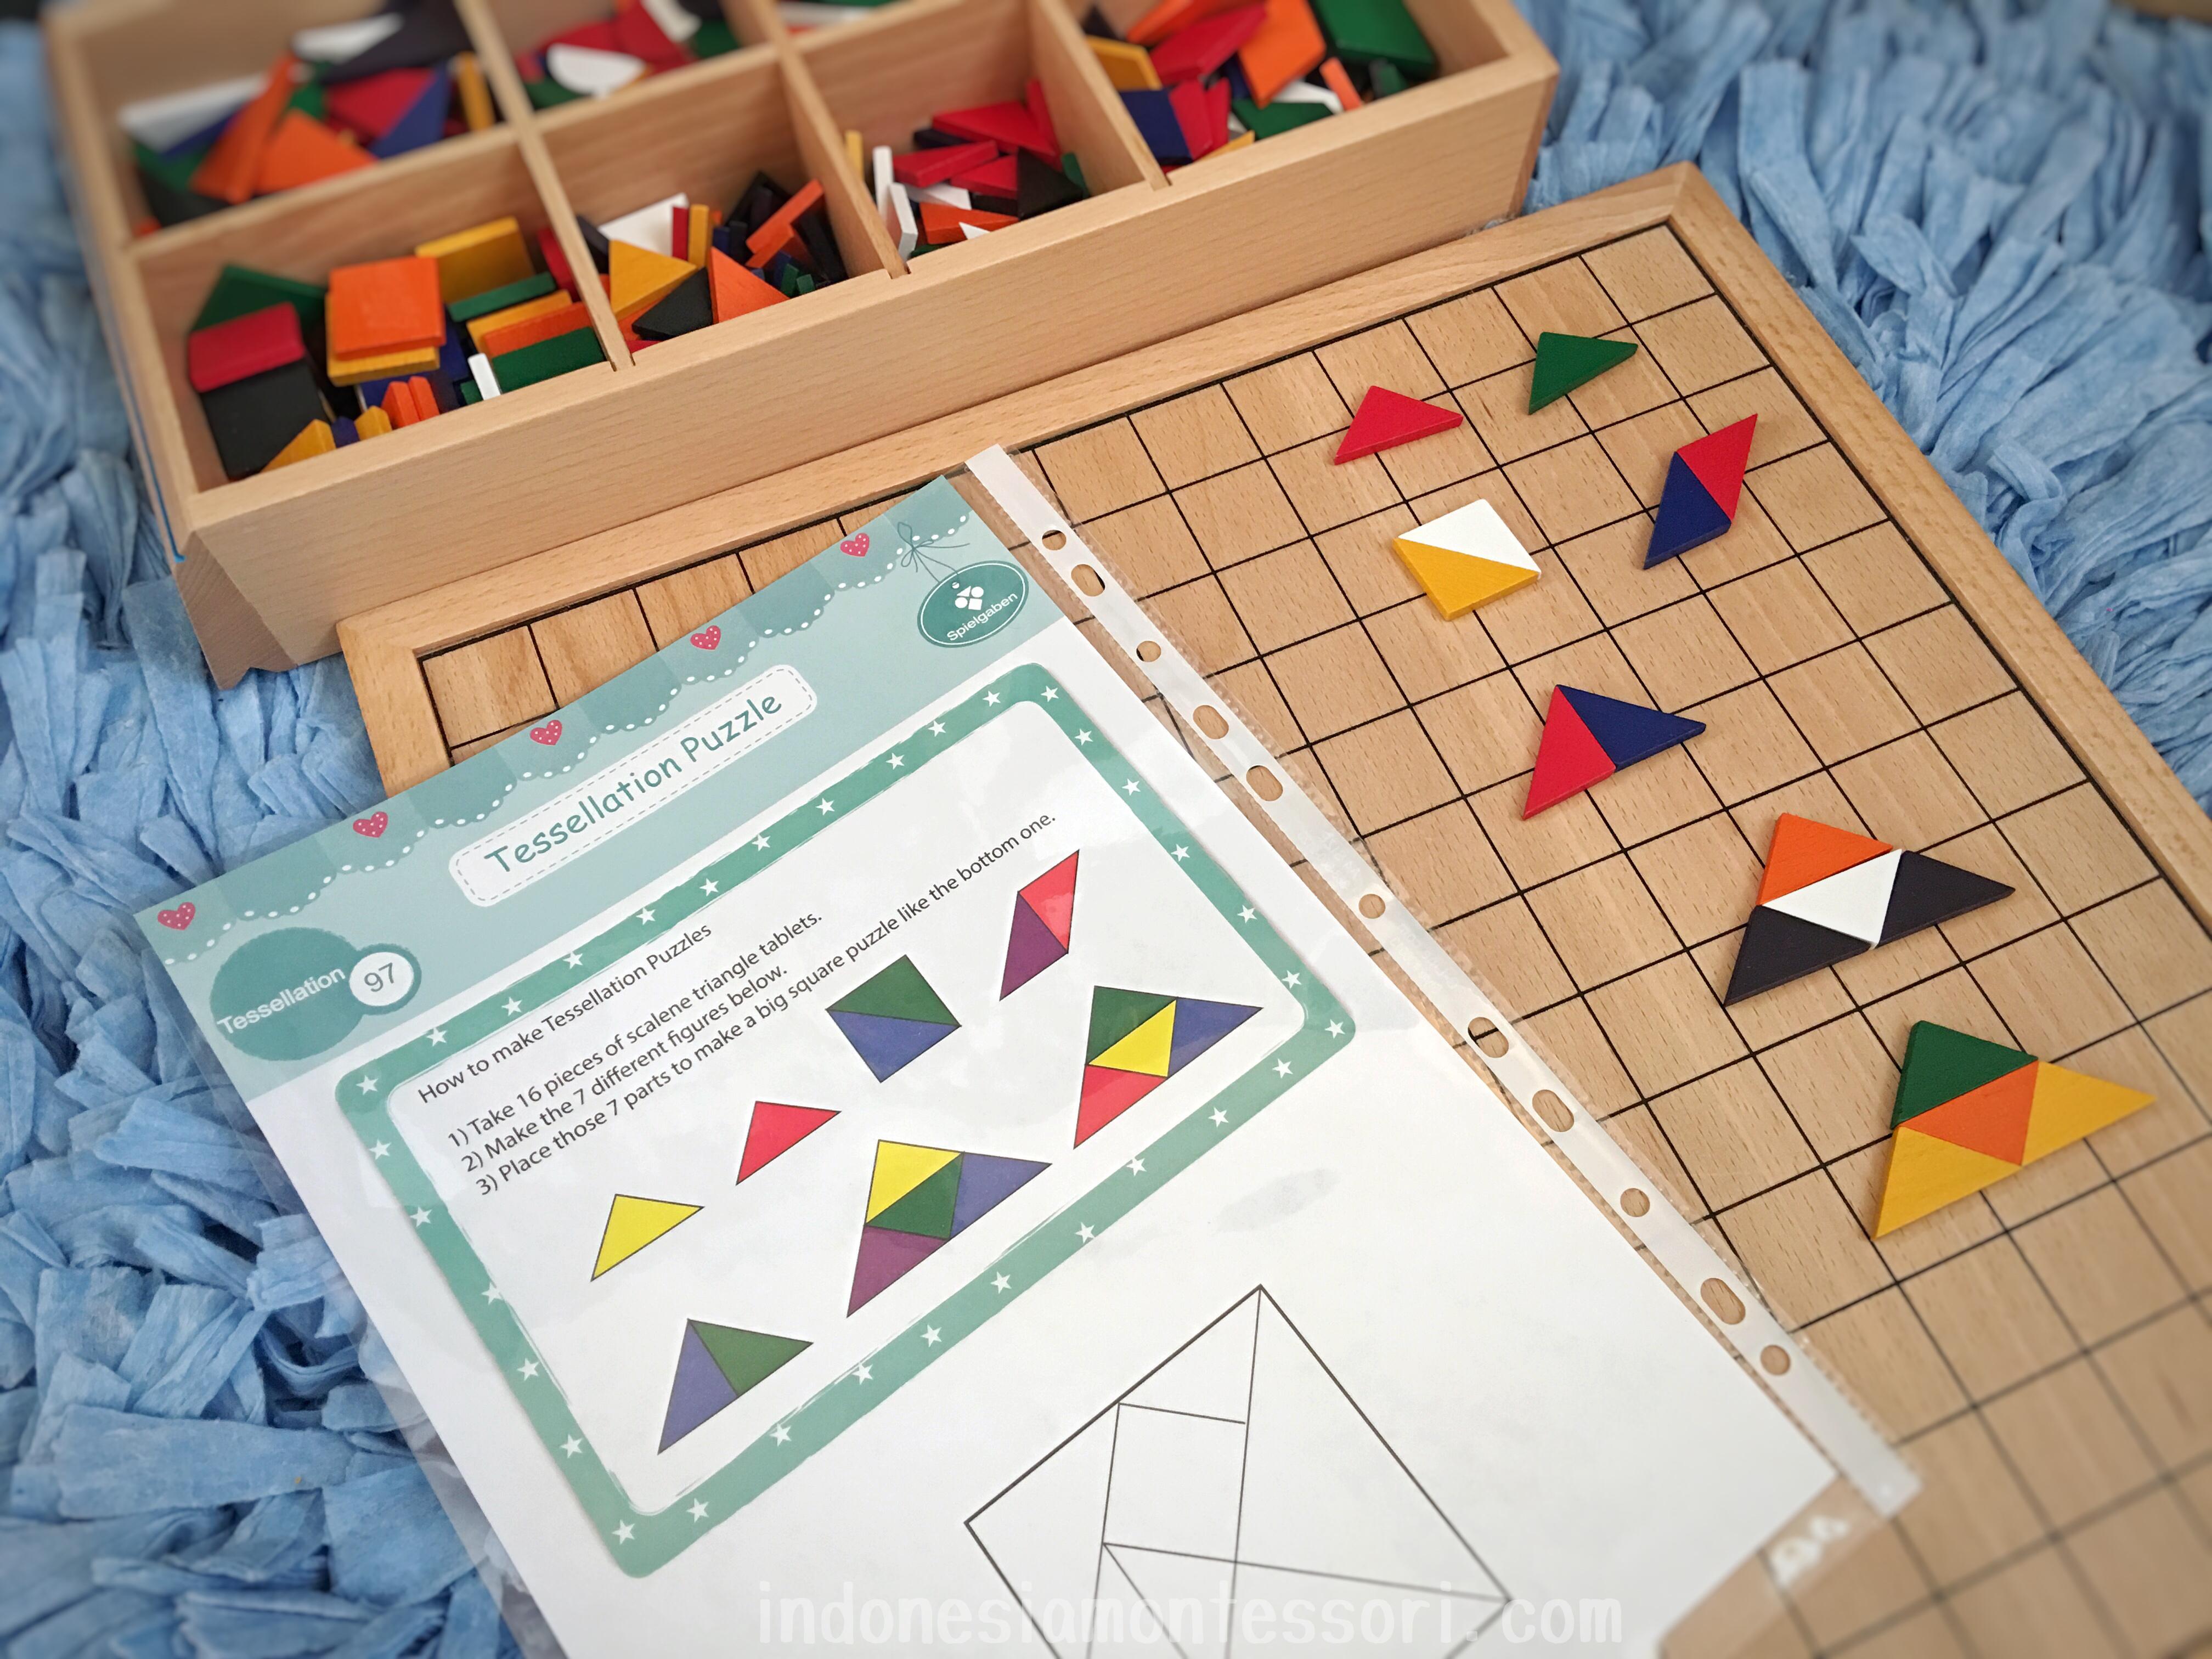 cara membuat DIY tangram bentuk geometri